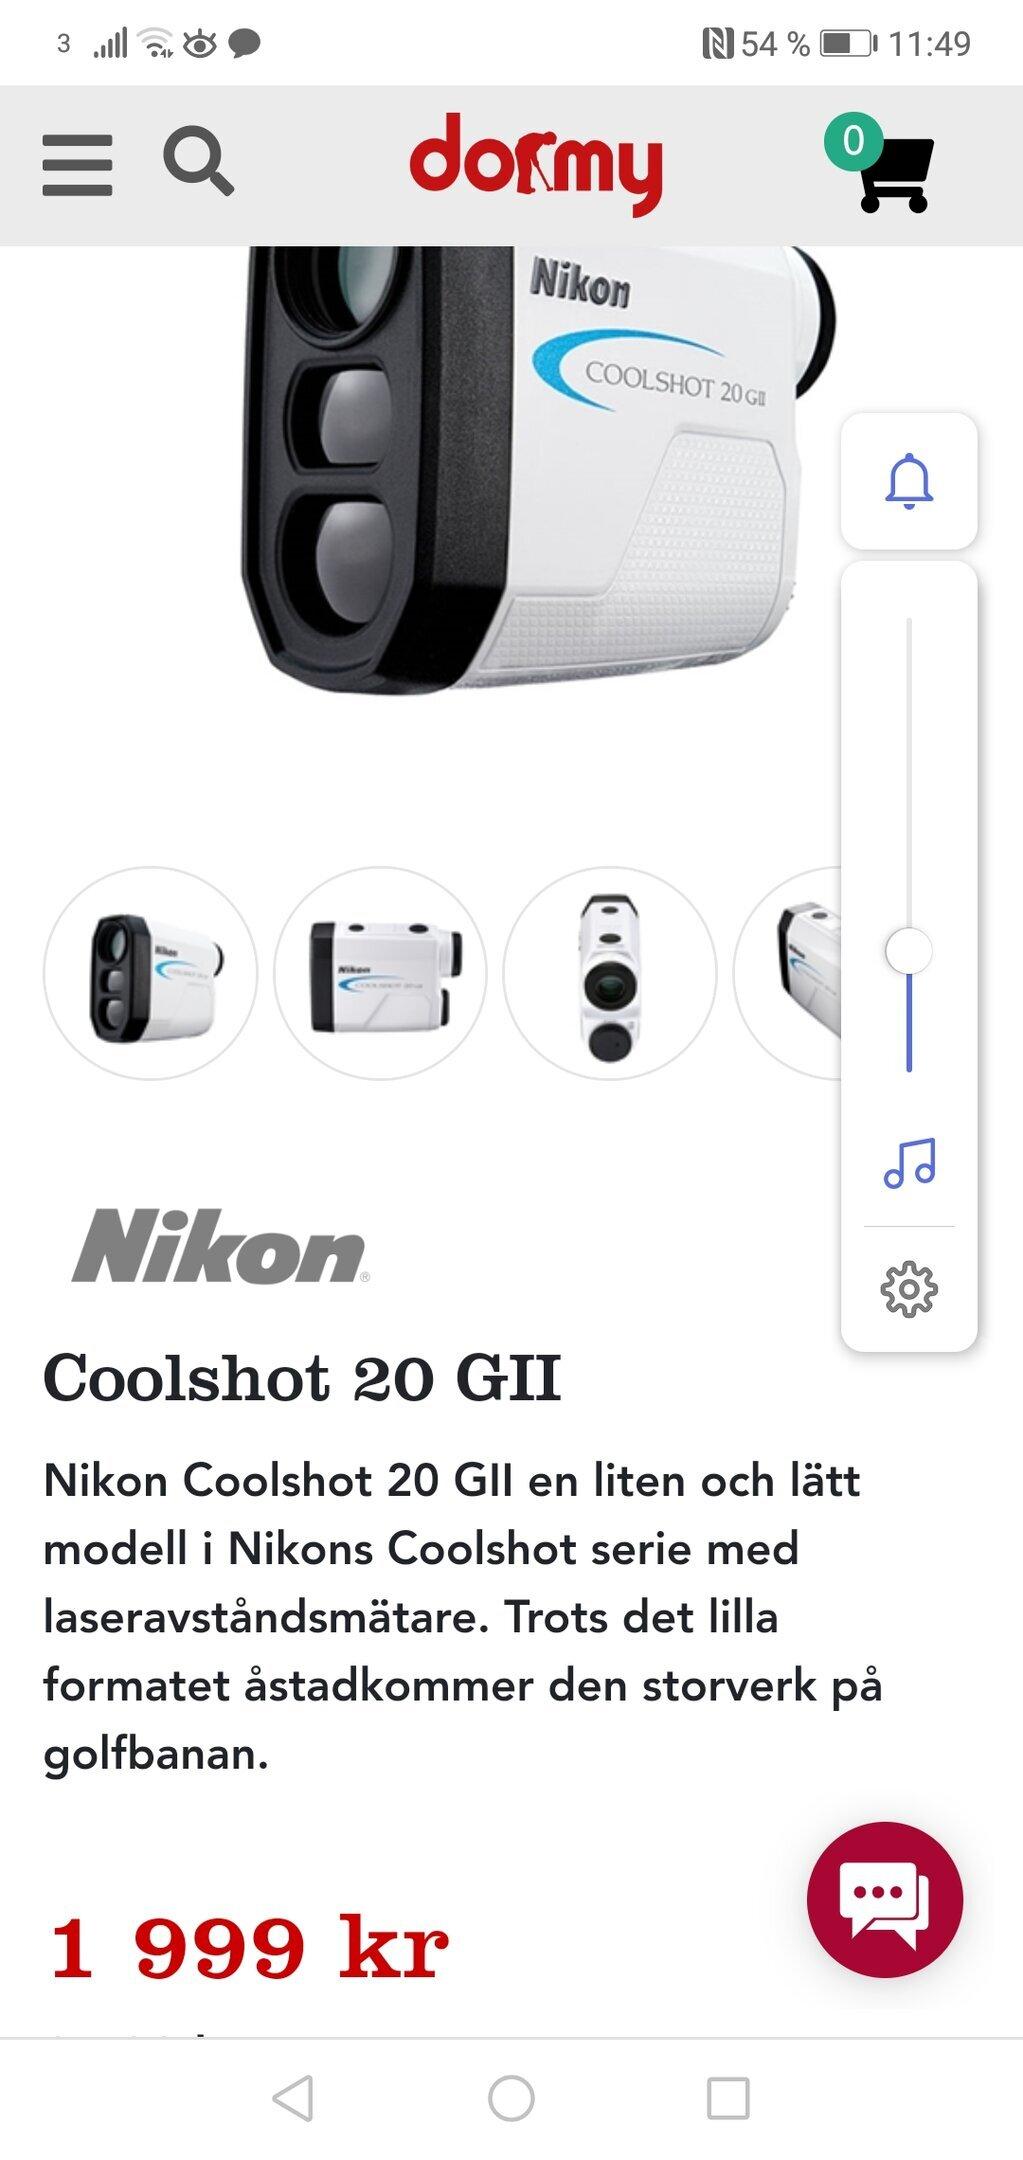 Screenshot_20200729_114926_com.android.chrome.